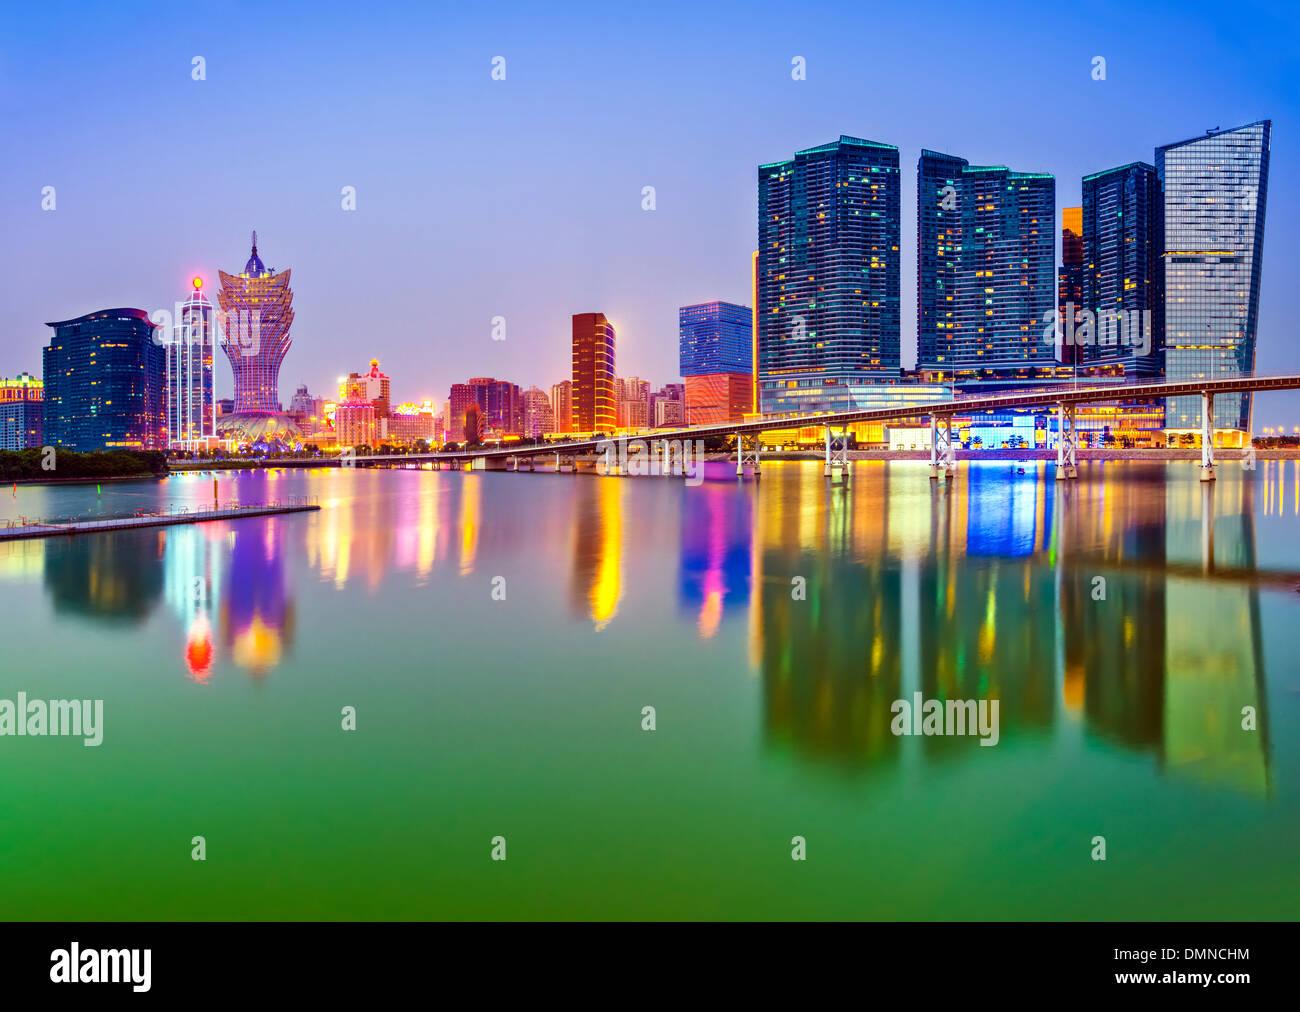 Macao Cina skyline in alto casino resort. Immagini Stock